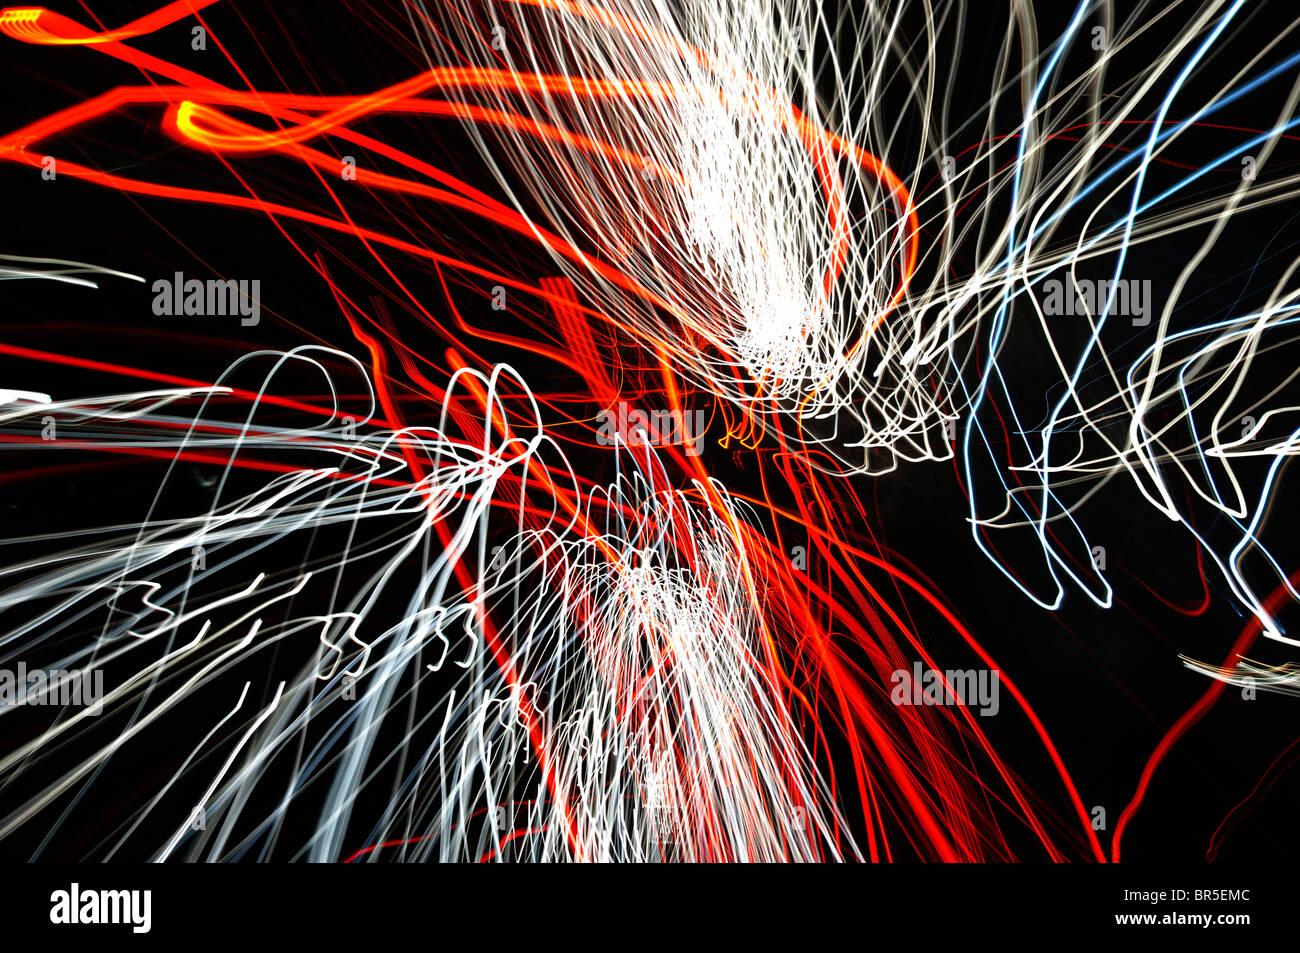 Autobahn, Nacht, Verkehr, Trail, Lichter, Autos, schnellen, beweglichen, Unschärfe, Geschwindigkeit, Strömung, Stockbild